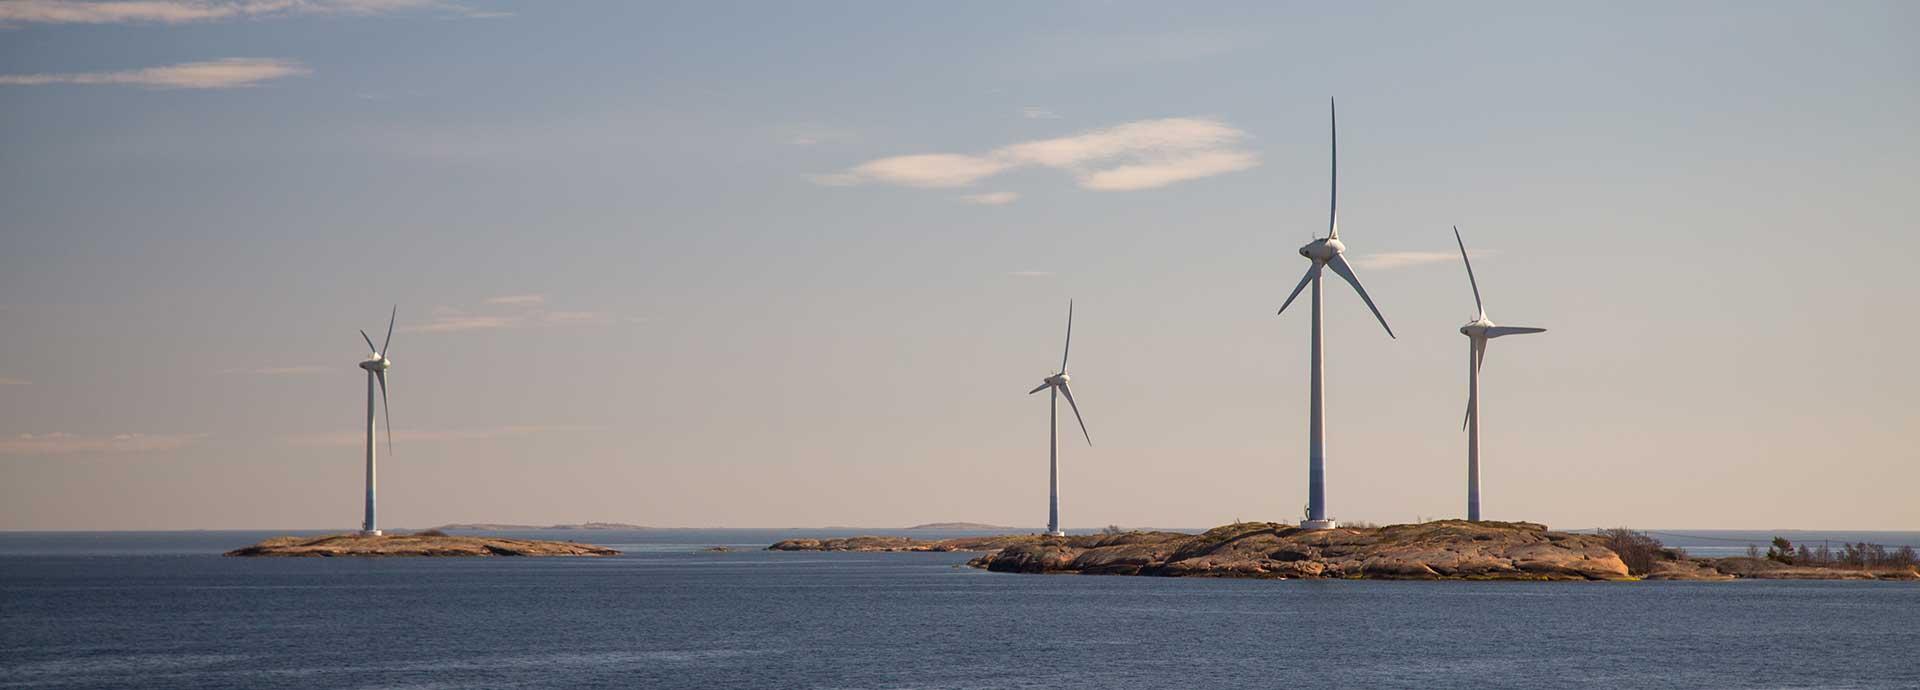 Reimagining 100% renewable energy